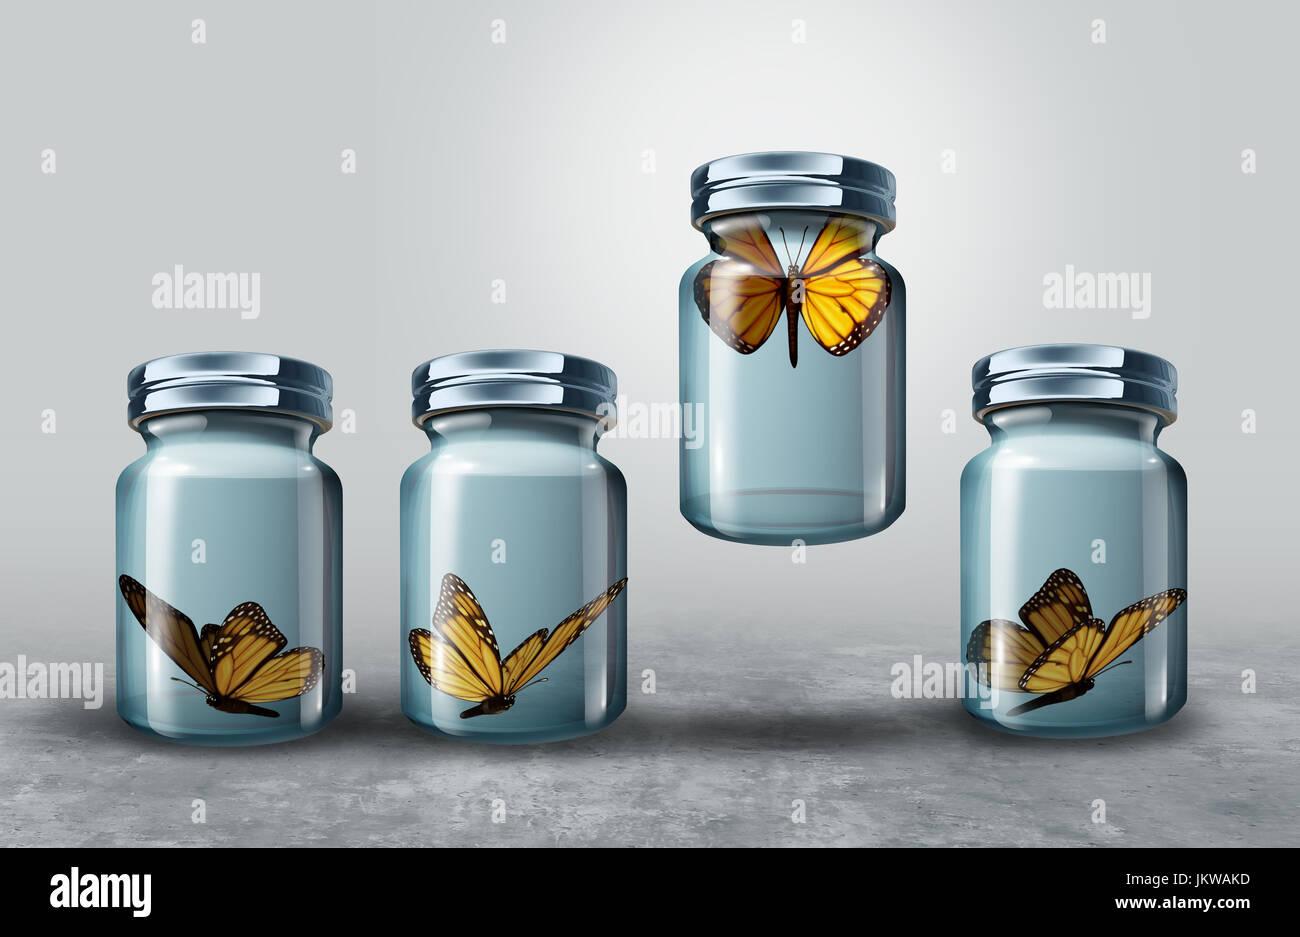 Concetto di leadership e aziendale potente metafora visionario come un gruppo di farfalle di appoggio in un chiuso Immagini Stock